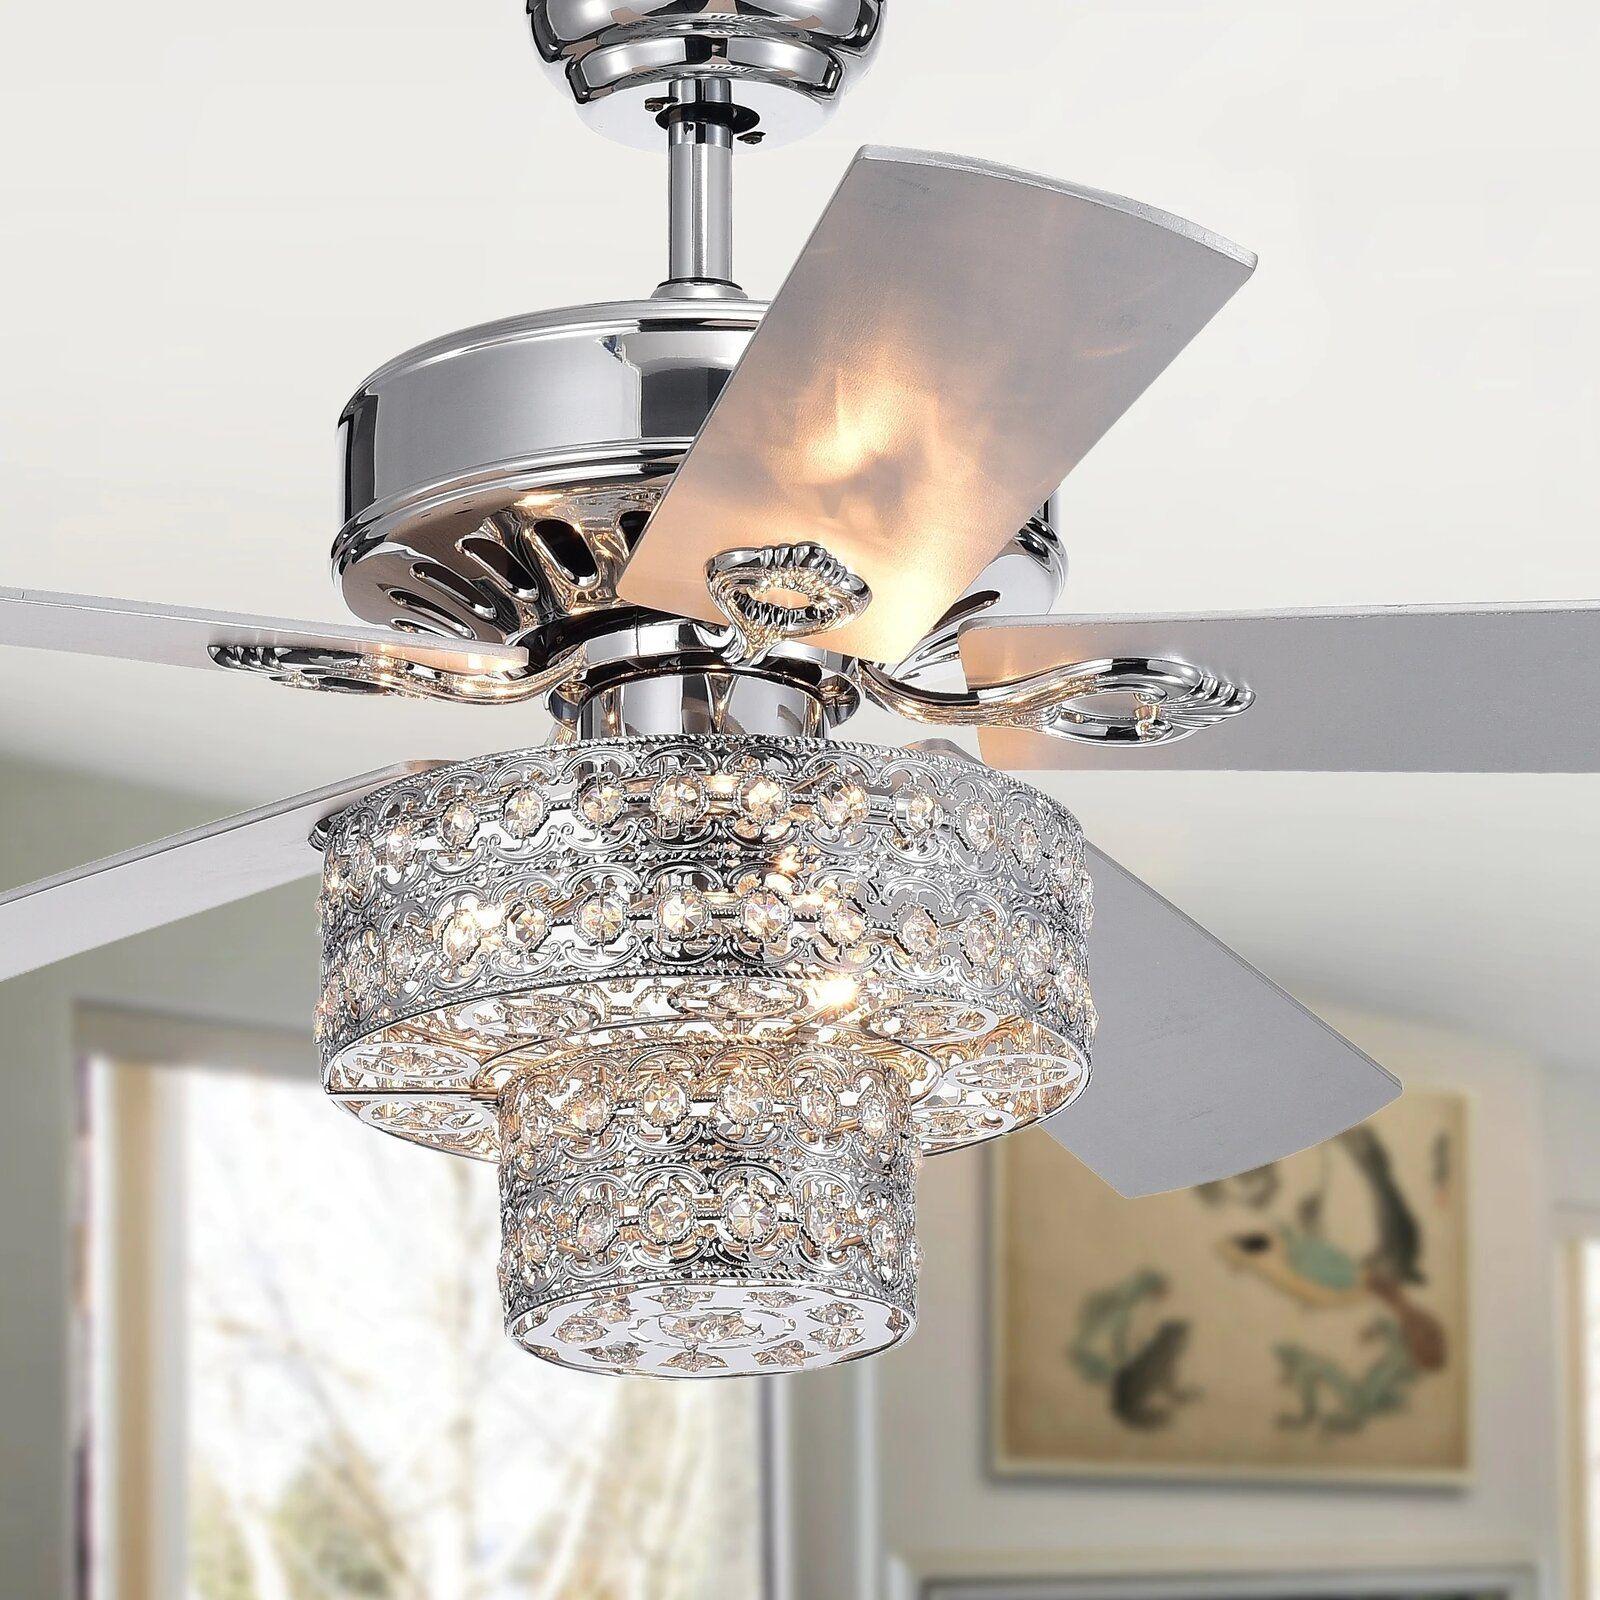 52 Parma 5 Blade Crystal Ceiling Fan With Light Kit Included Ceiling Fan Chandelier Ceiling Fan With Light Chandelier Fan